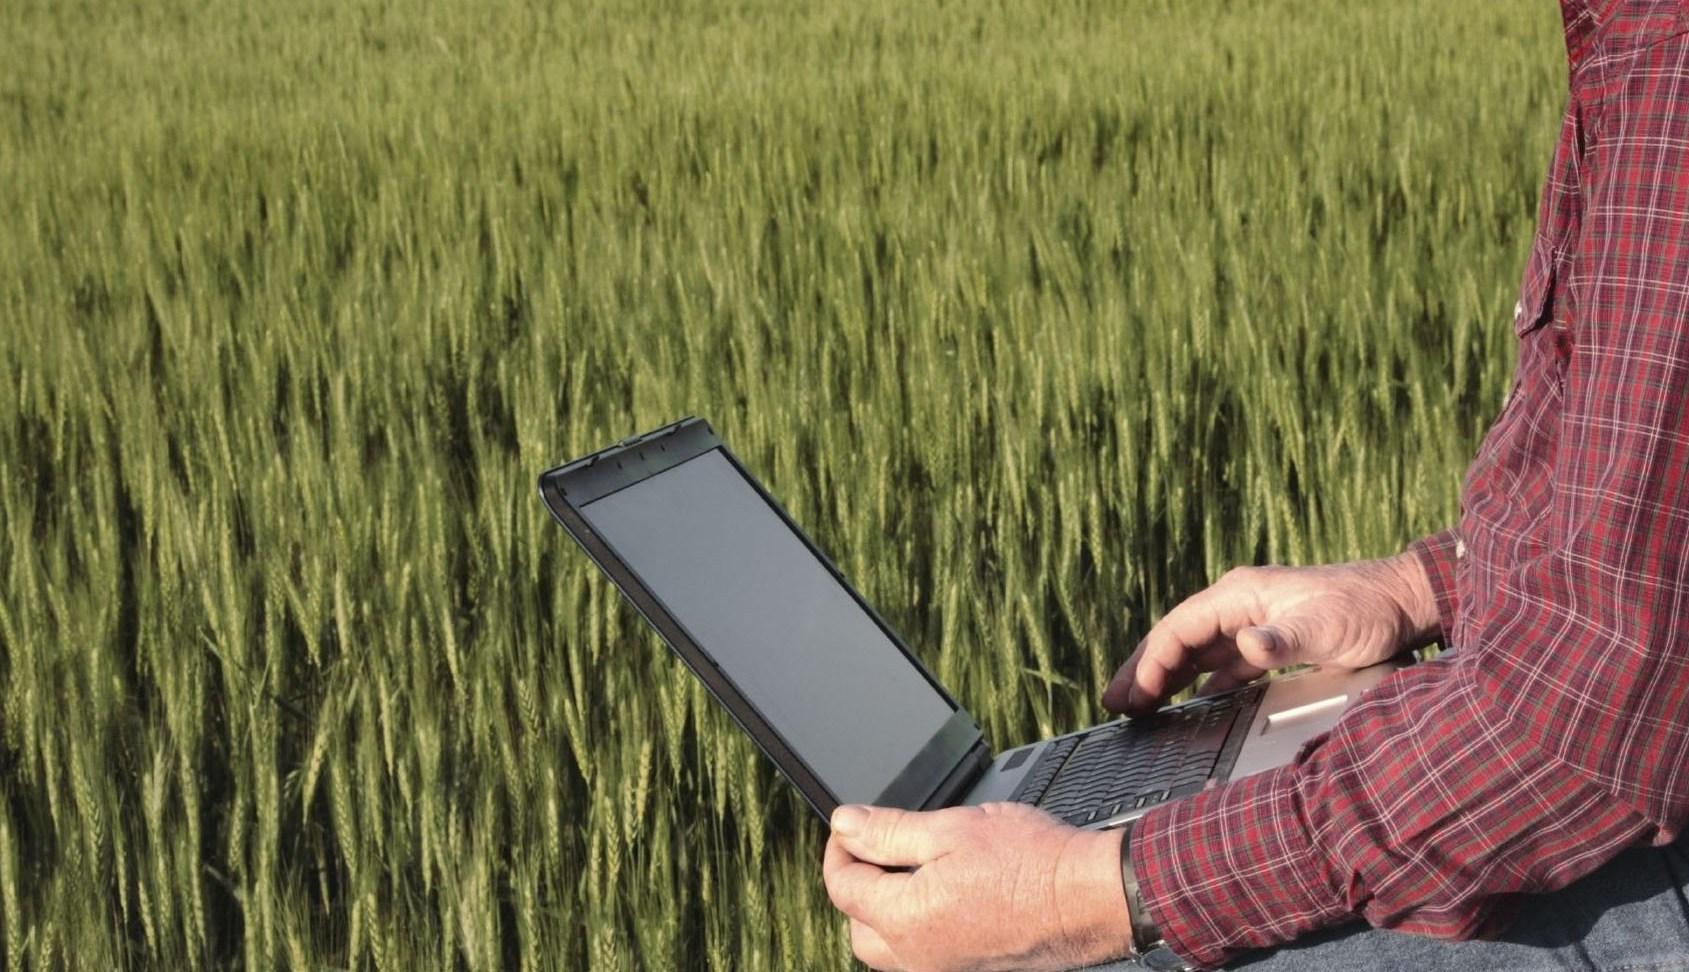 Аграрии Тверской области могут подать документы на получение субсидий через МФЦ